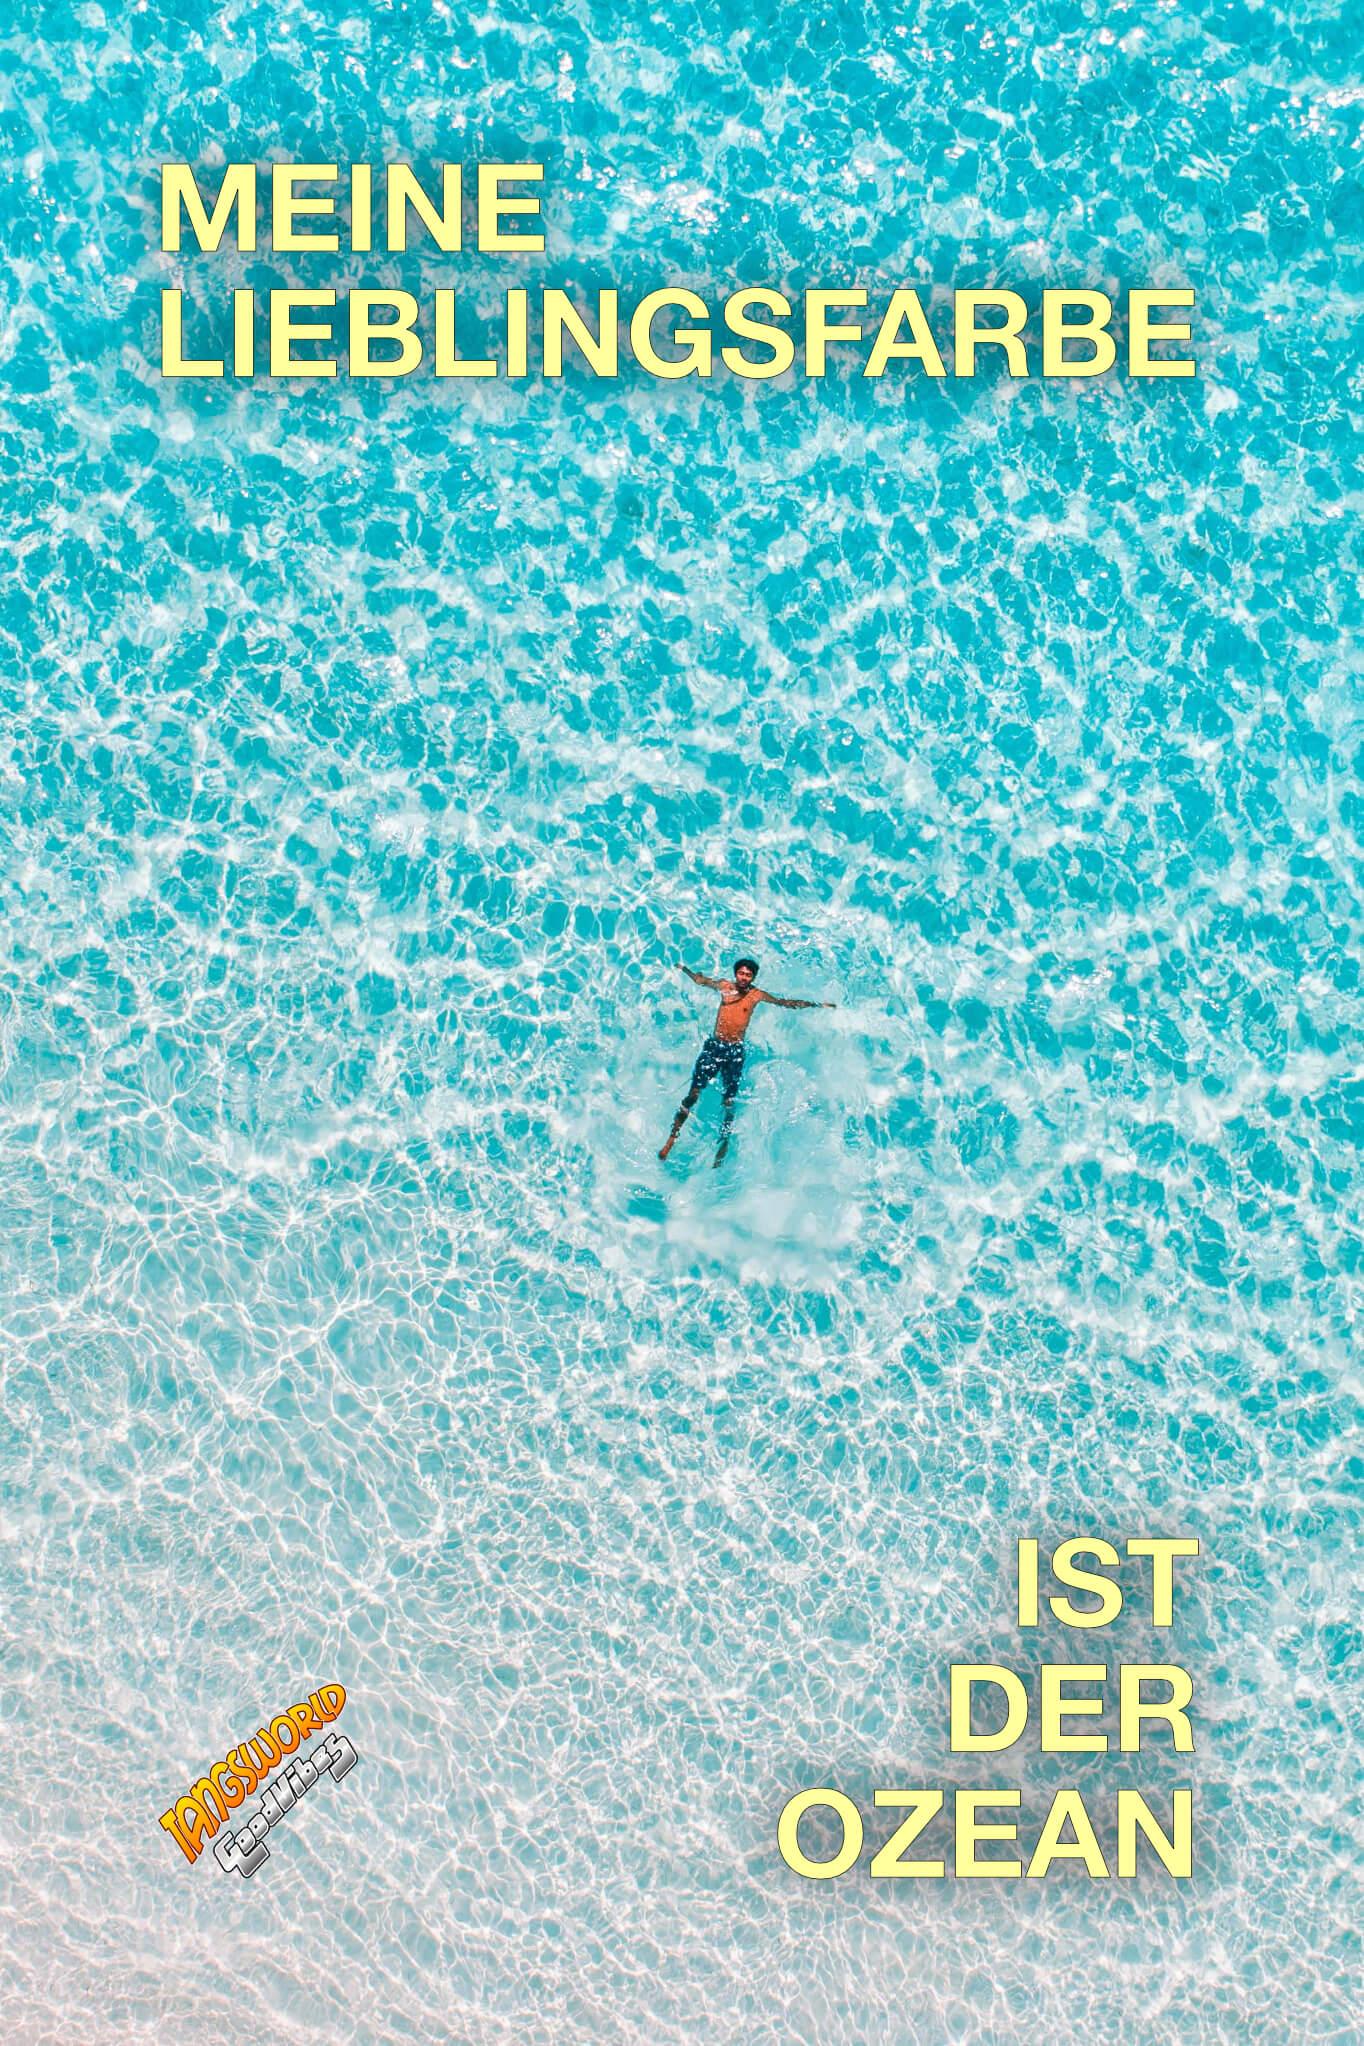 Meine Lieblingsfarbe ist der Ozean. - GoodVibes